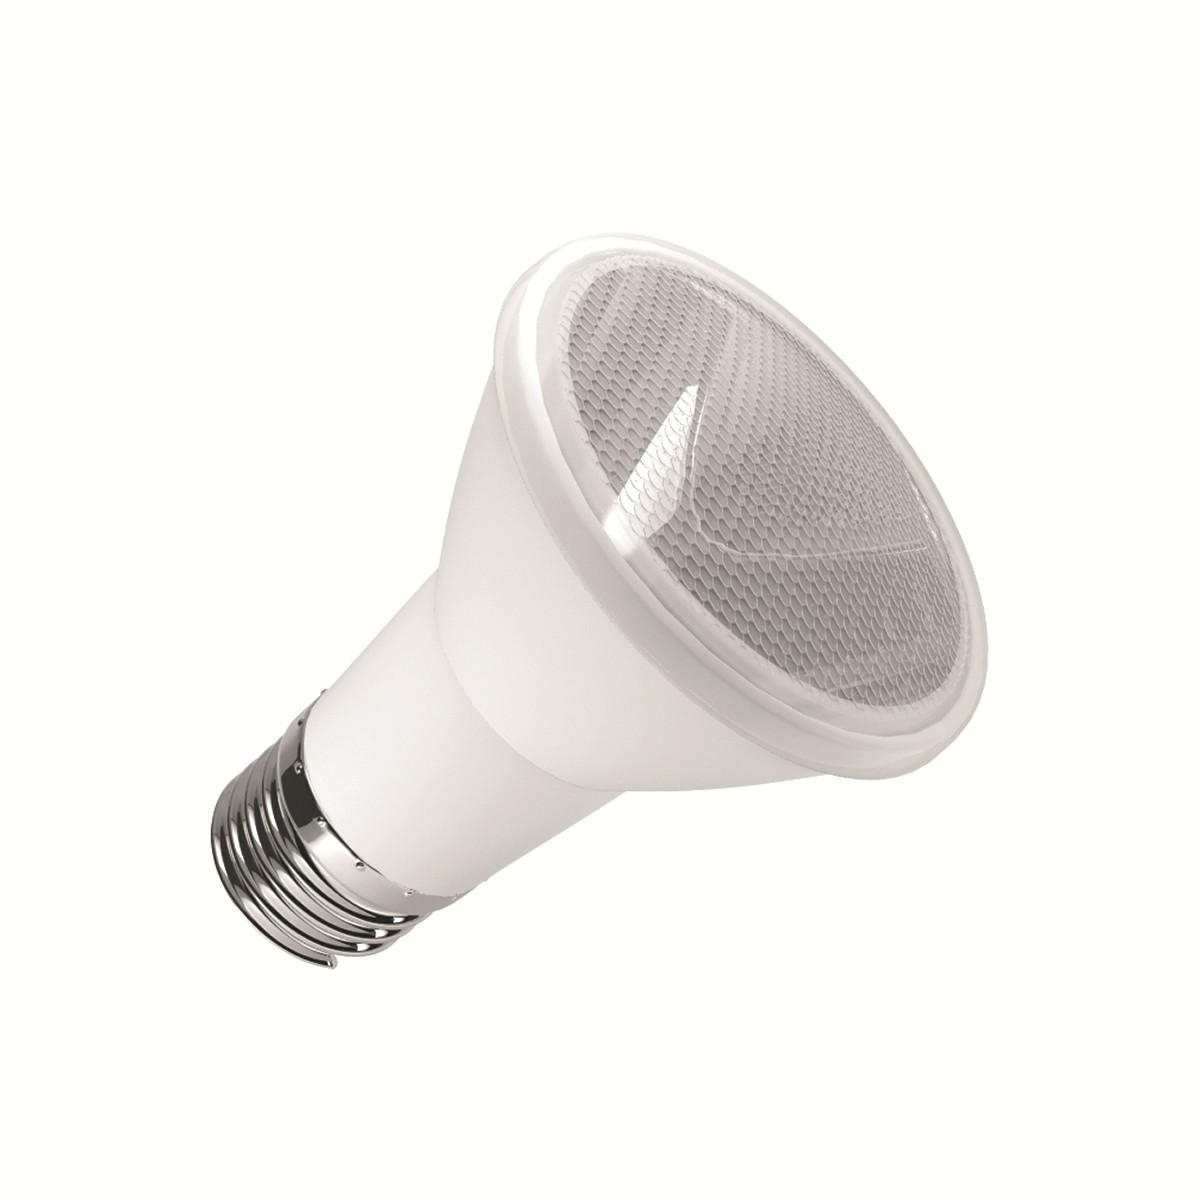 Lampada LED PAR20 6W E27 IP65 Branca - Luminatti